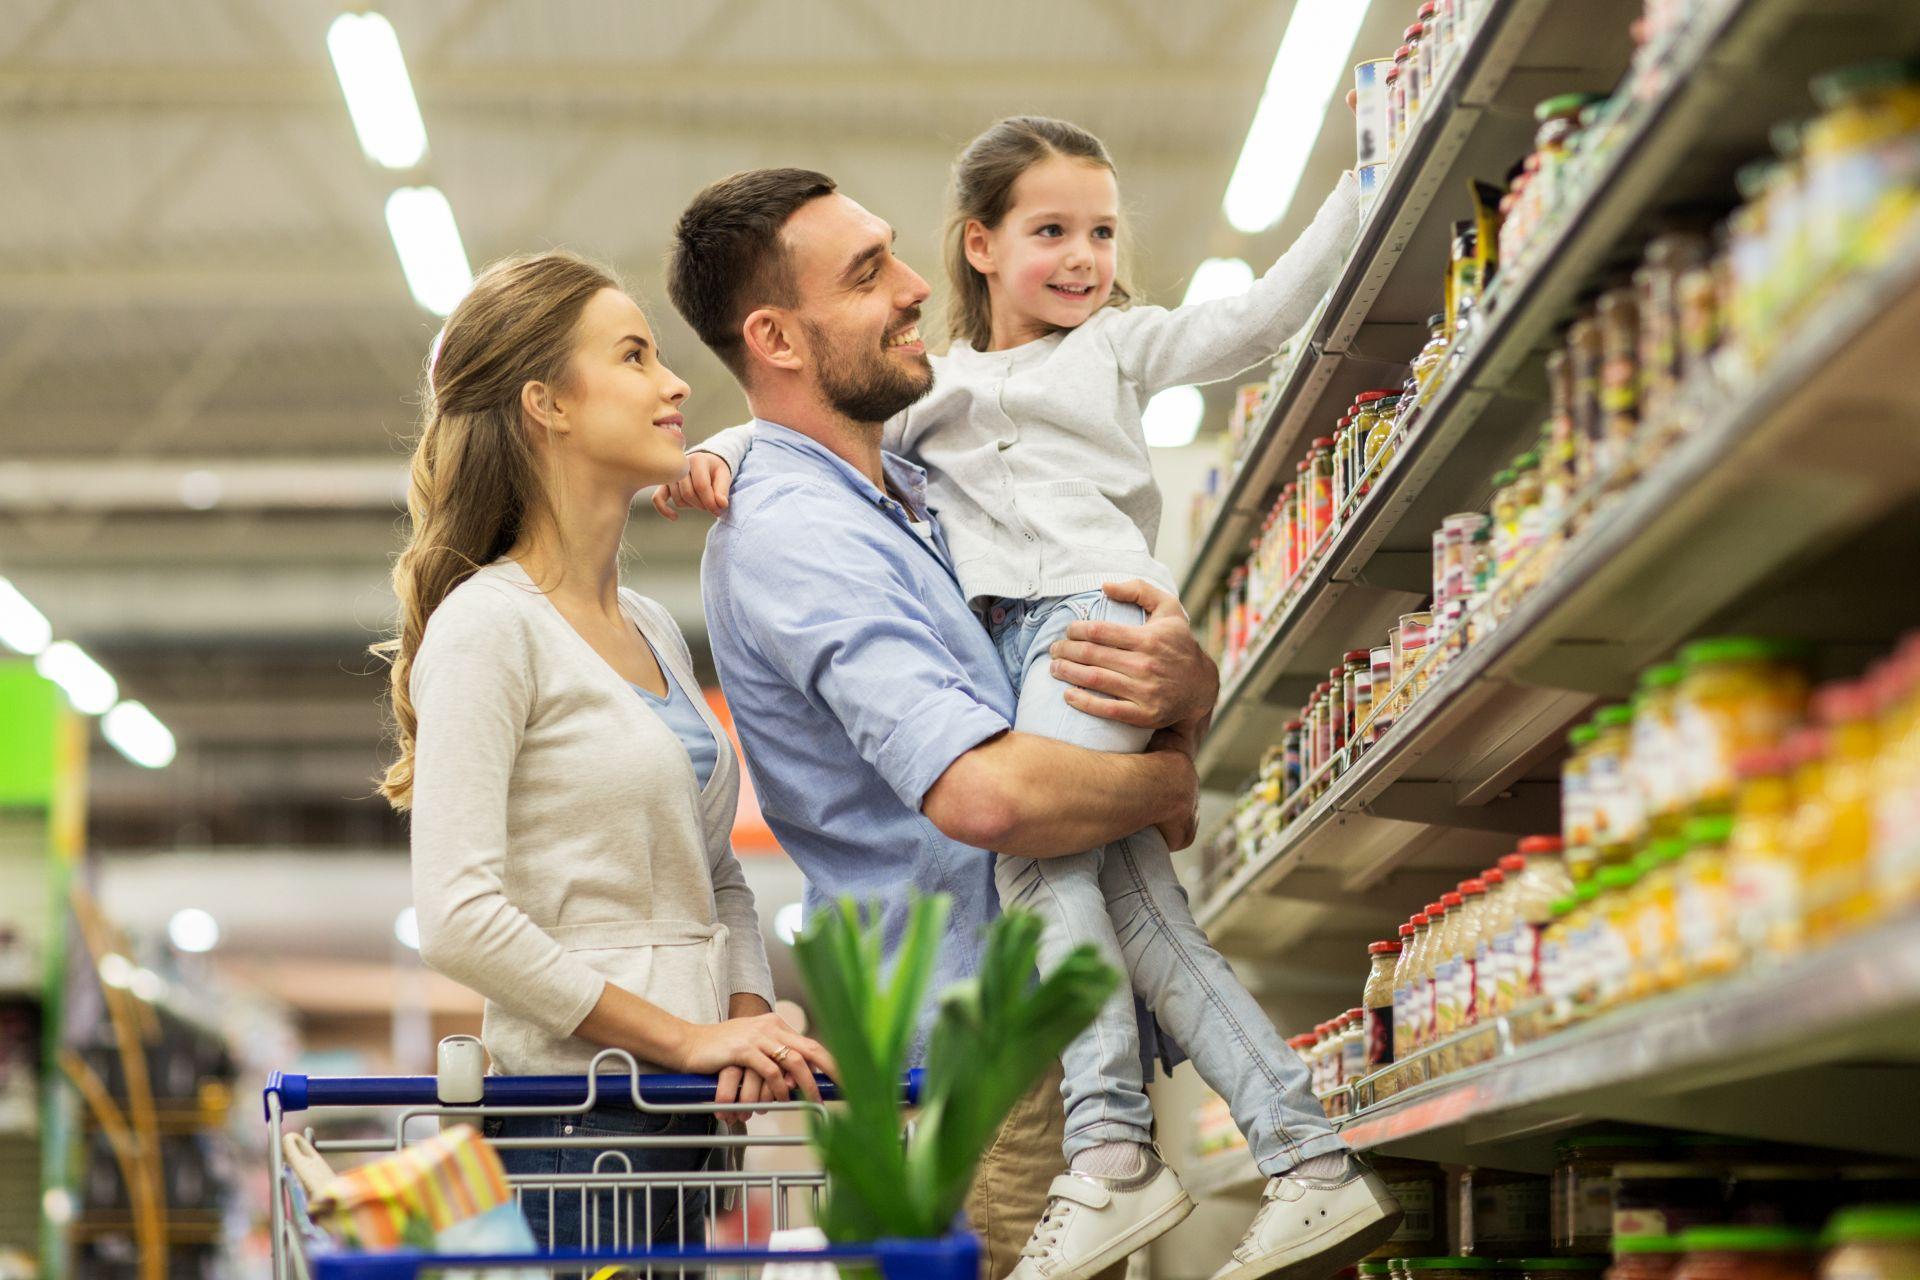 Jakie produkty obniżają cholesterol, a jakie ciśnienie? Poznaj moc steroli roślinnych i potasu, który reguluje ciśnienie krwi i wdrażaj składniki do swojej codziennej diety.